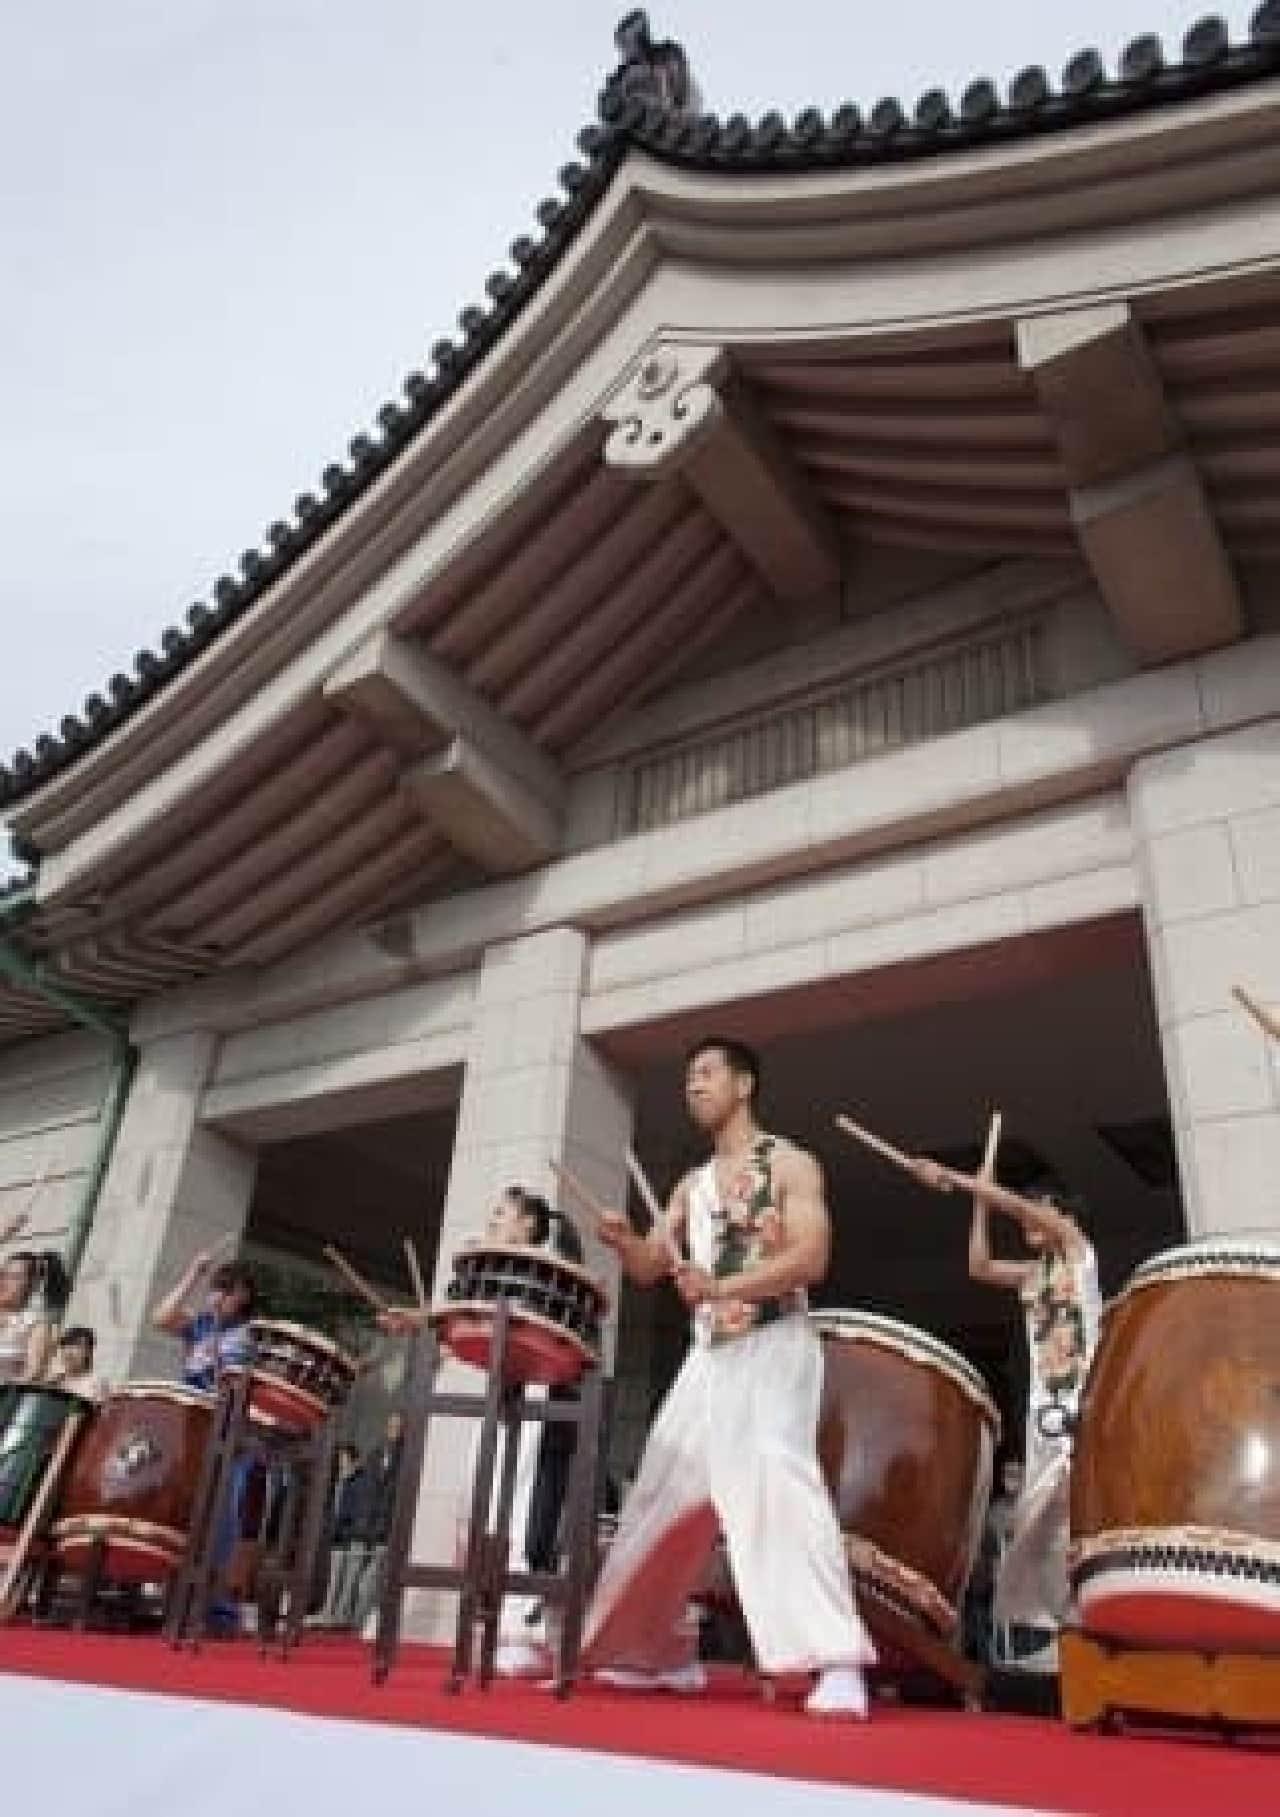 東京国立博物館、新春企画「博物館に初もうで」